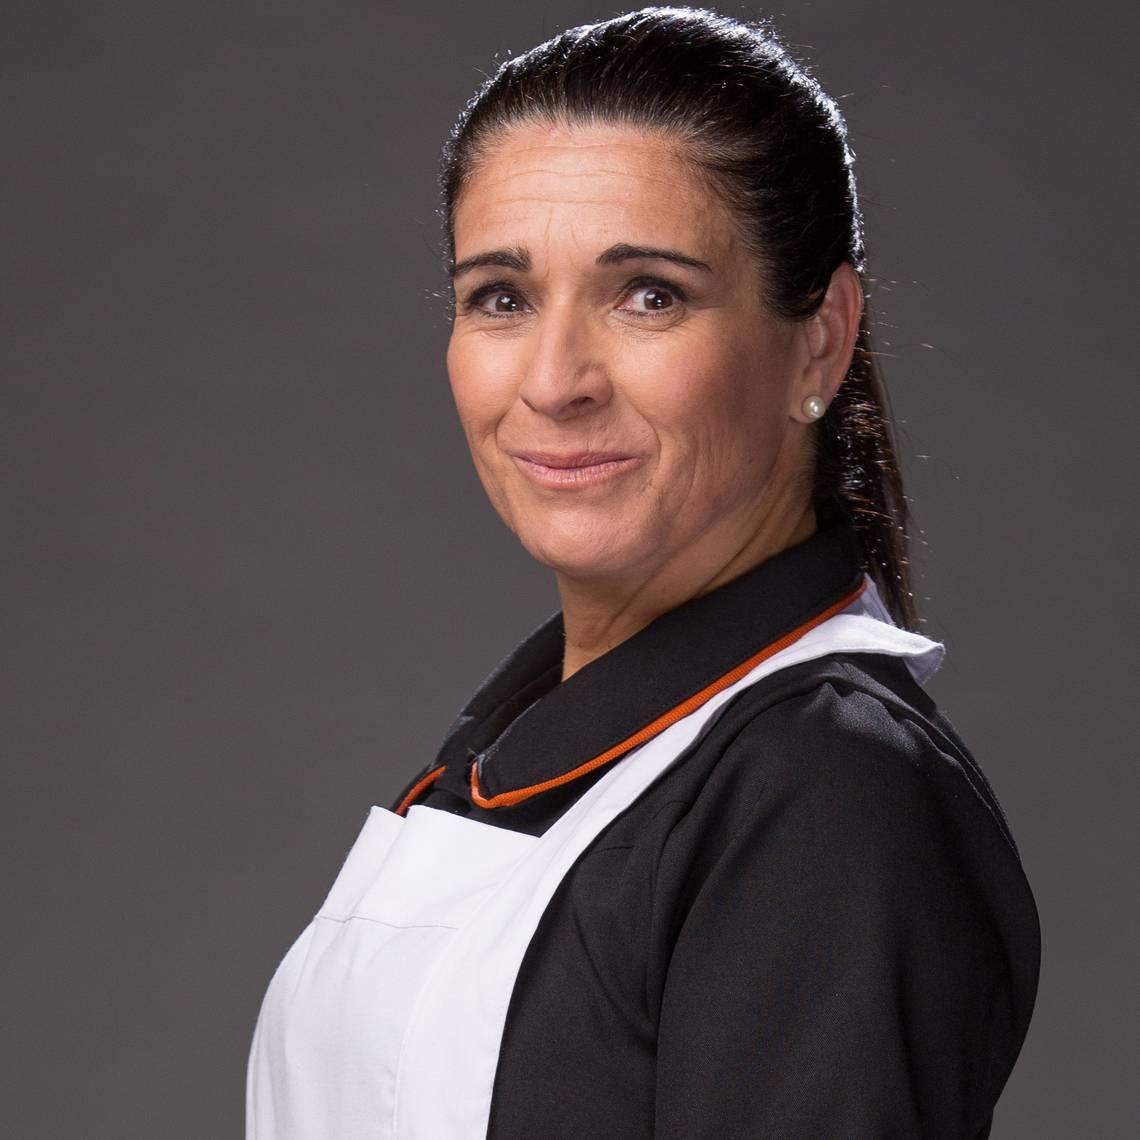 Mónica Astudillo Sanhueza